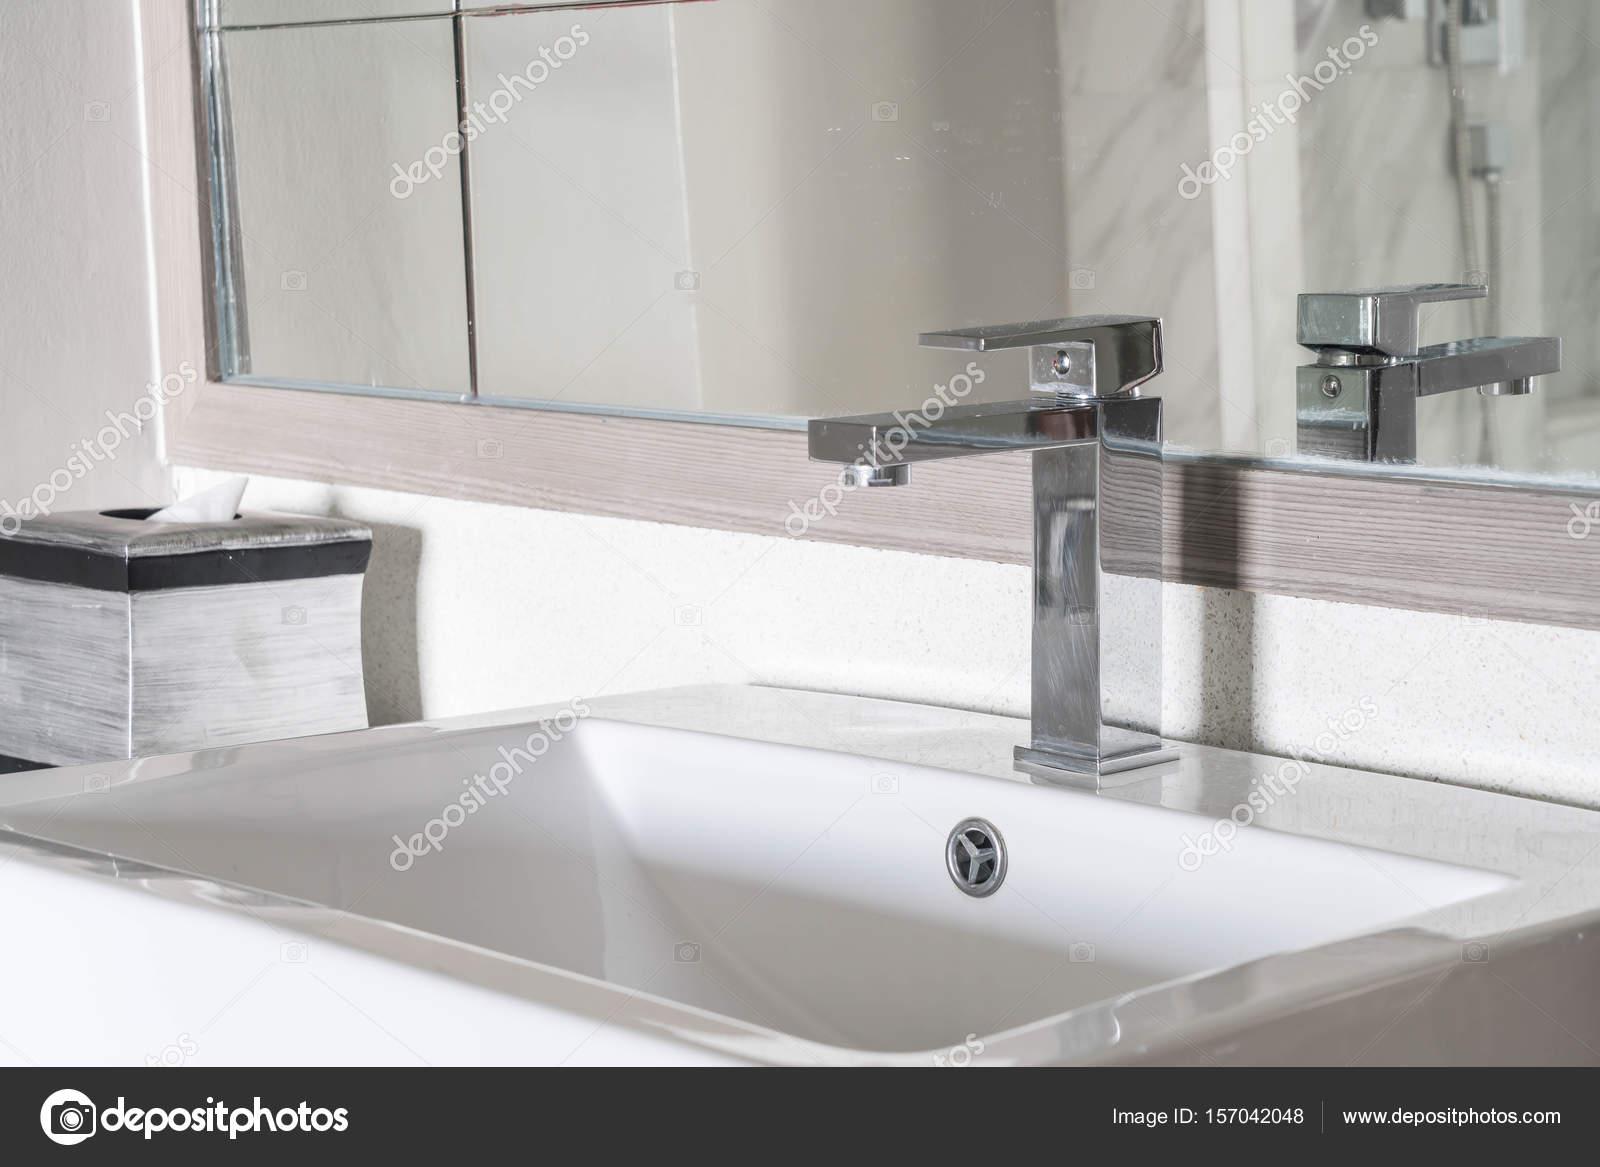 Schone Luxus Waschbecken Dekoration Im Badezimmer Interieur Fur